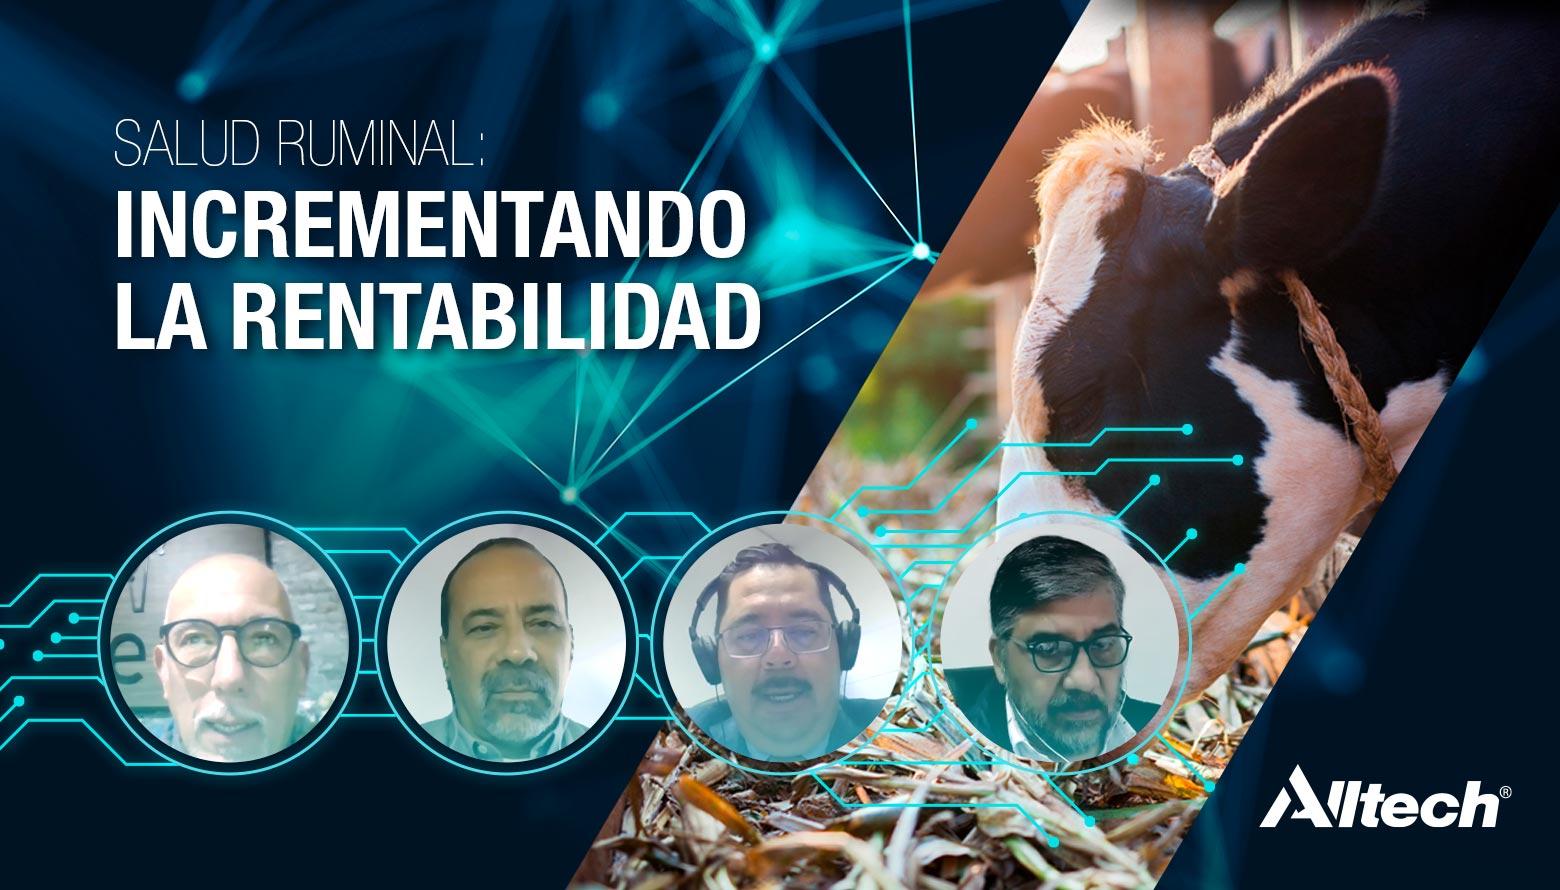 Los sectores pecuario y agroalimentario tienen un futuro positivo: Análisis de la Encuesta Global sobre Alimento Balanceado de Alltech